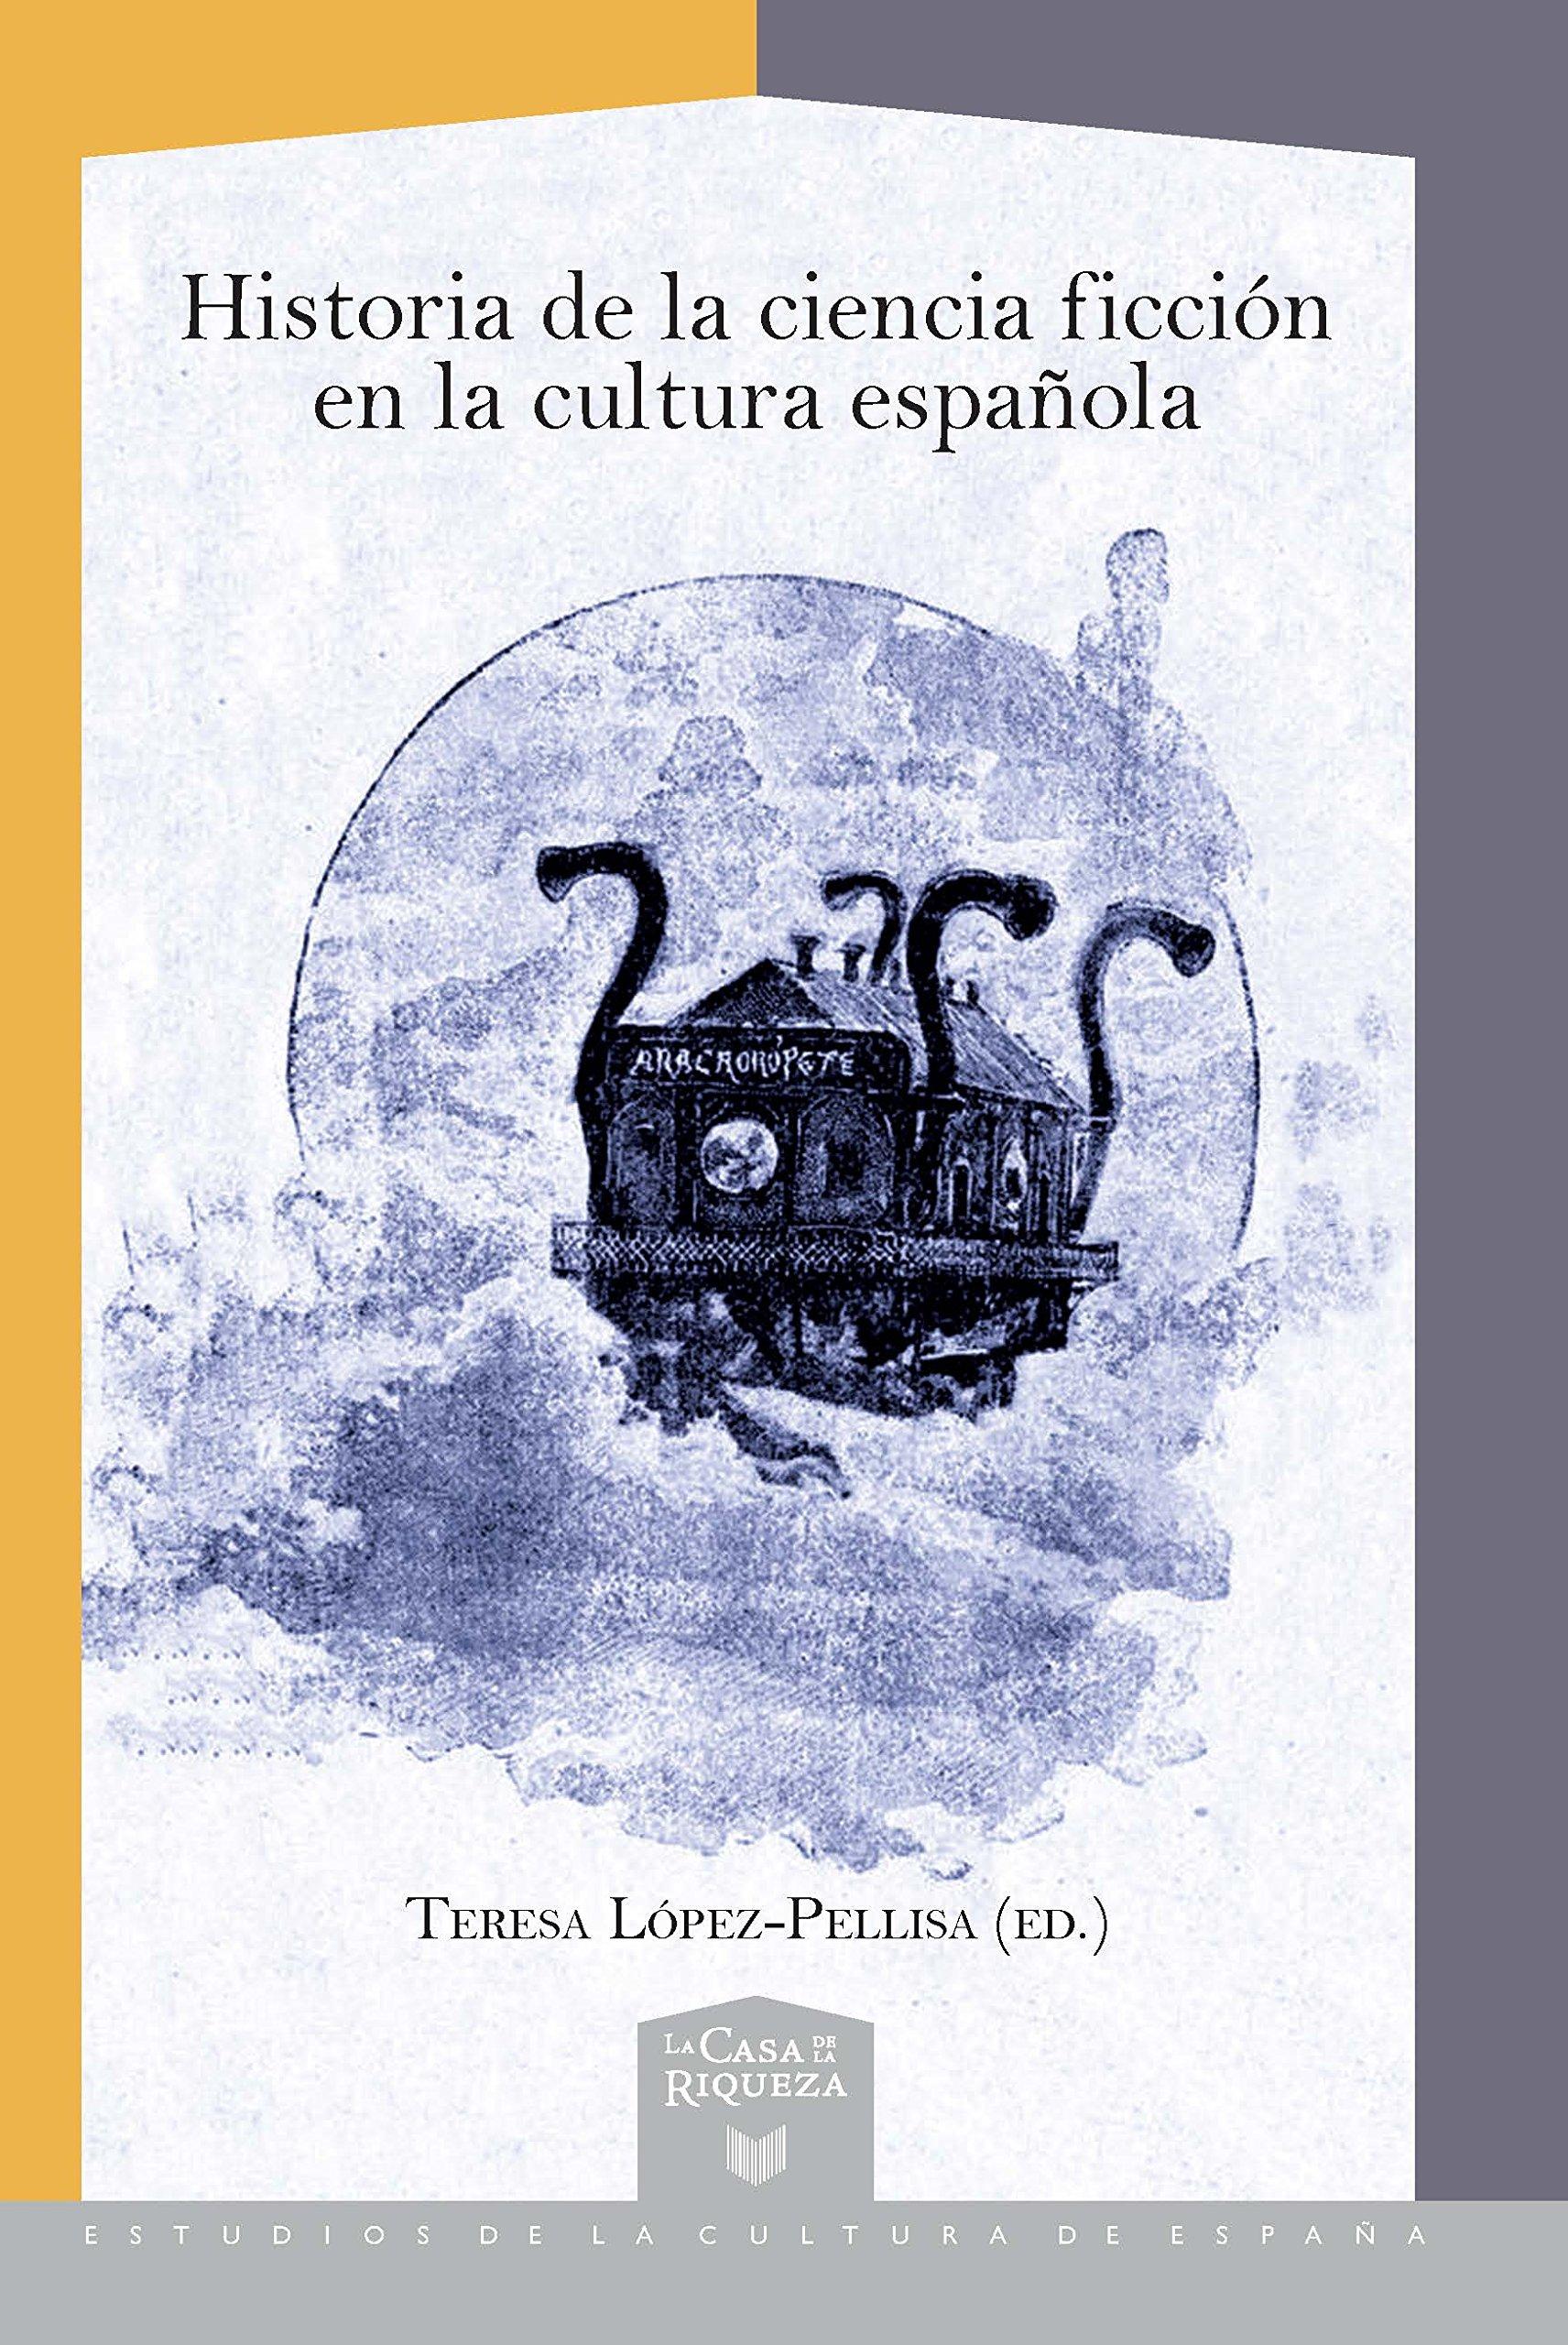 Historia de la ciencia ficción en la cultura española La Casa de la Riqueza. Estudios de la Cultura de España, 44: Amazon.es: López-Pellisa, Teresa: Libros